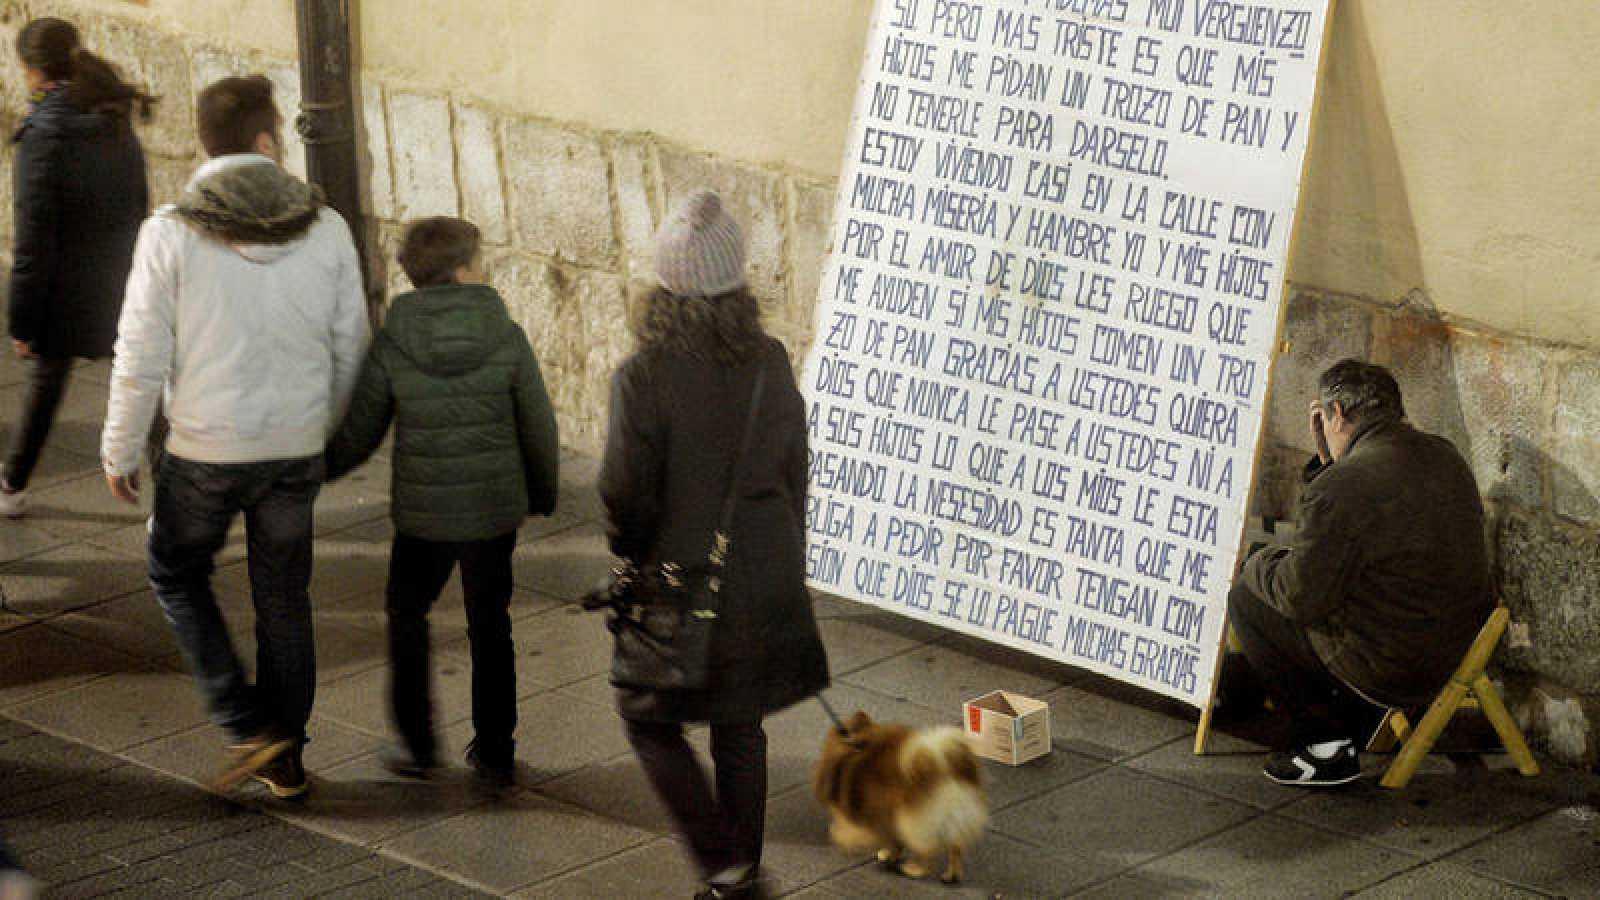 Un mendigo pide en una calle del centro de Madrid